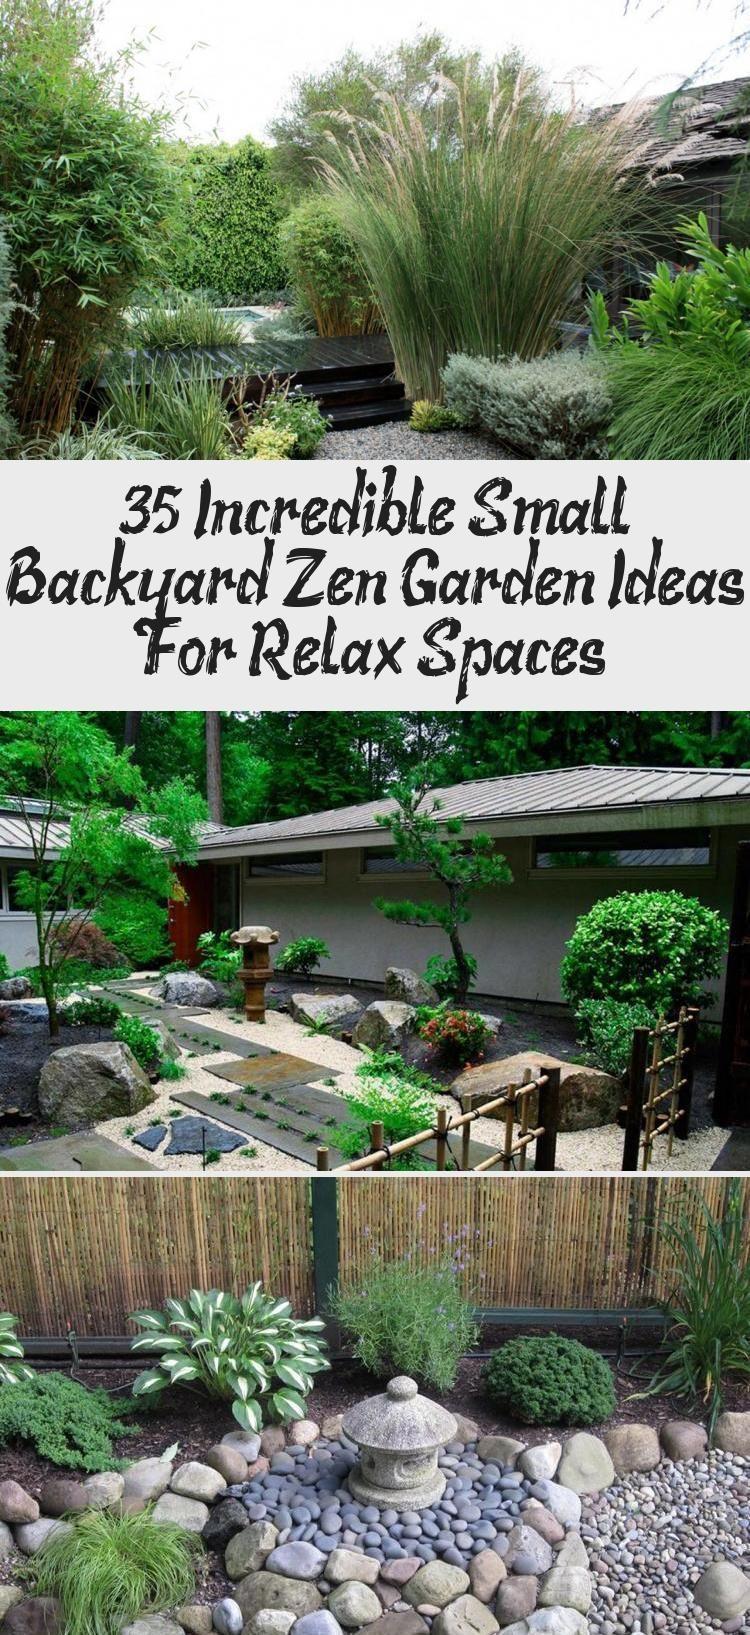 35 Incredible Small Backyard Zen Garden Ideas For Relax Spaces Backyard Ideas Backyard Garden Ideas In 2020 Japanese Garden Japanese Garden Landscape Zen Garden